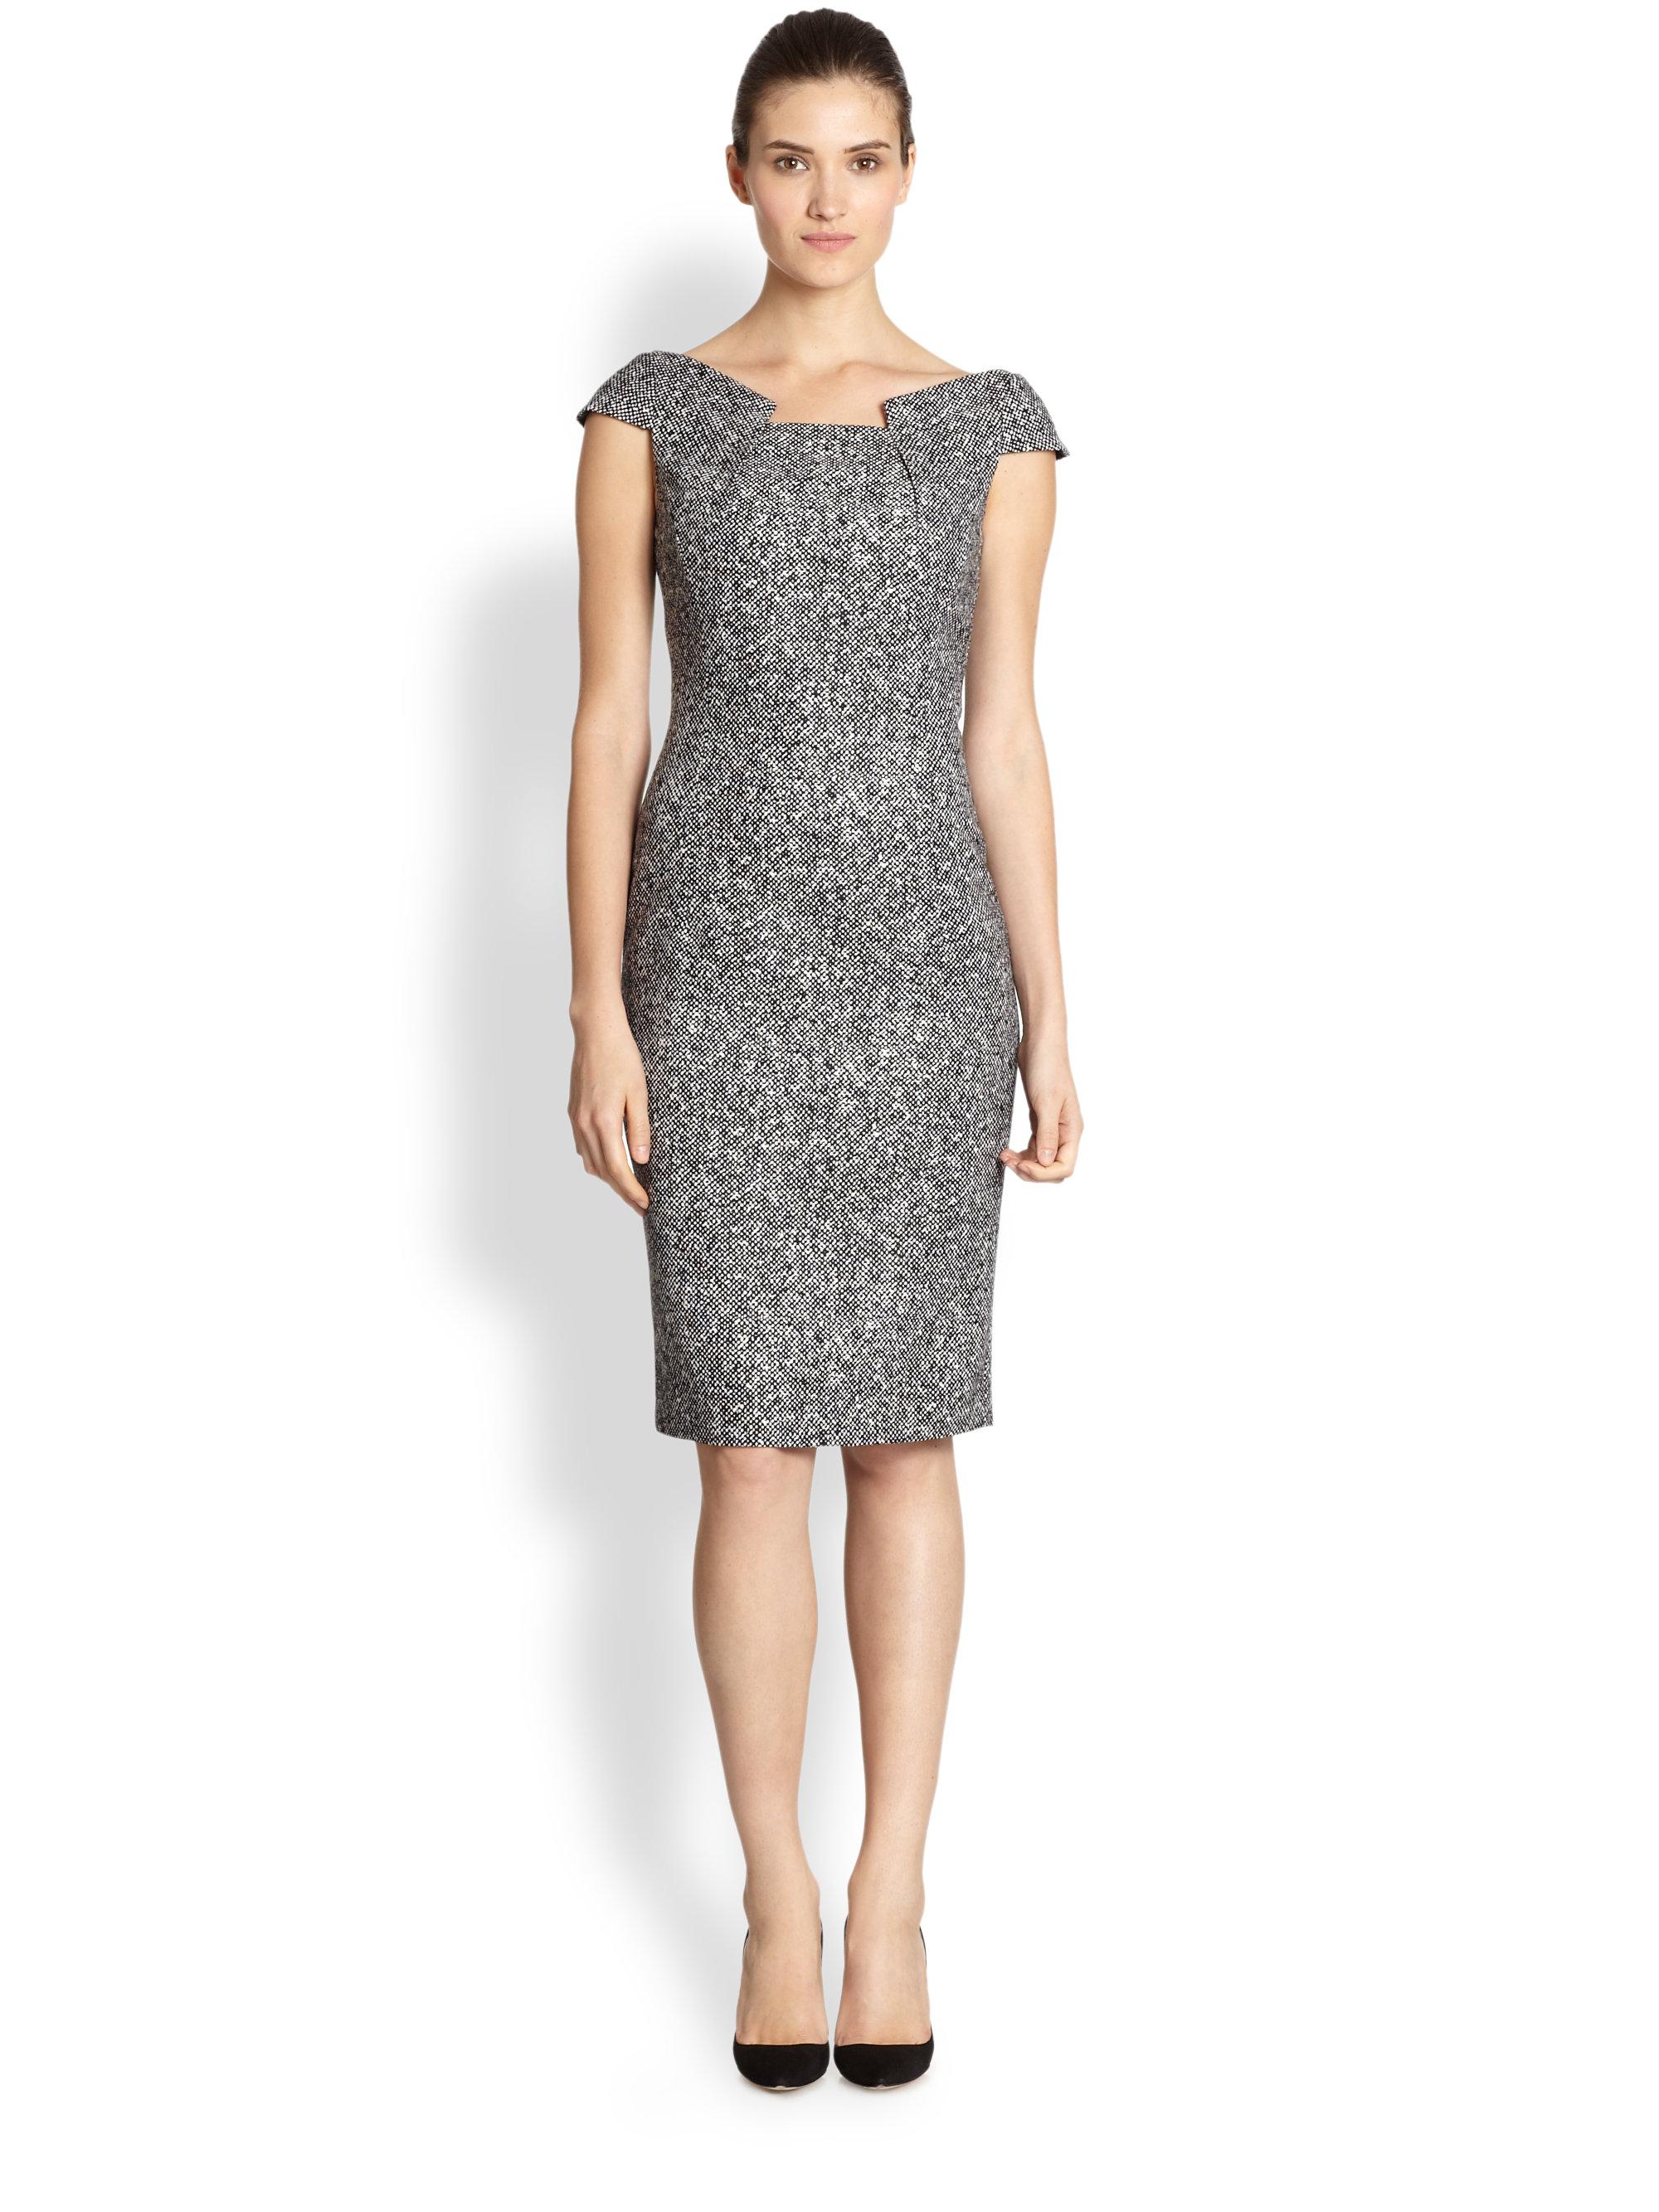 Lyst Michael Kors Wool Tweed Origami Dress in Gray